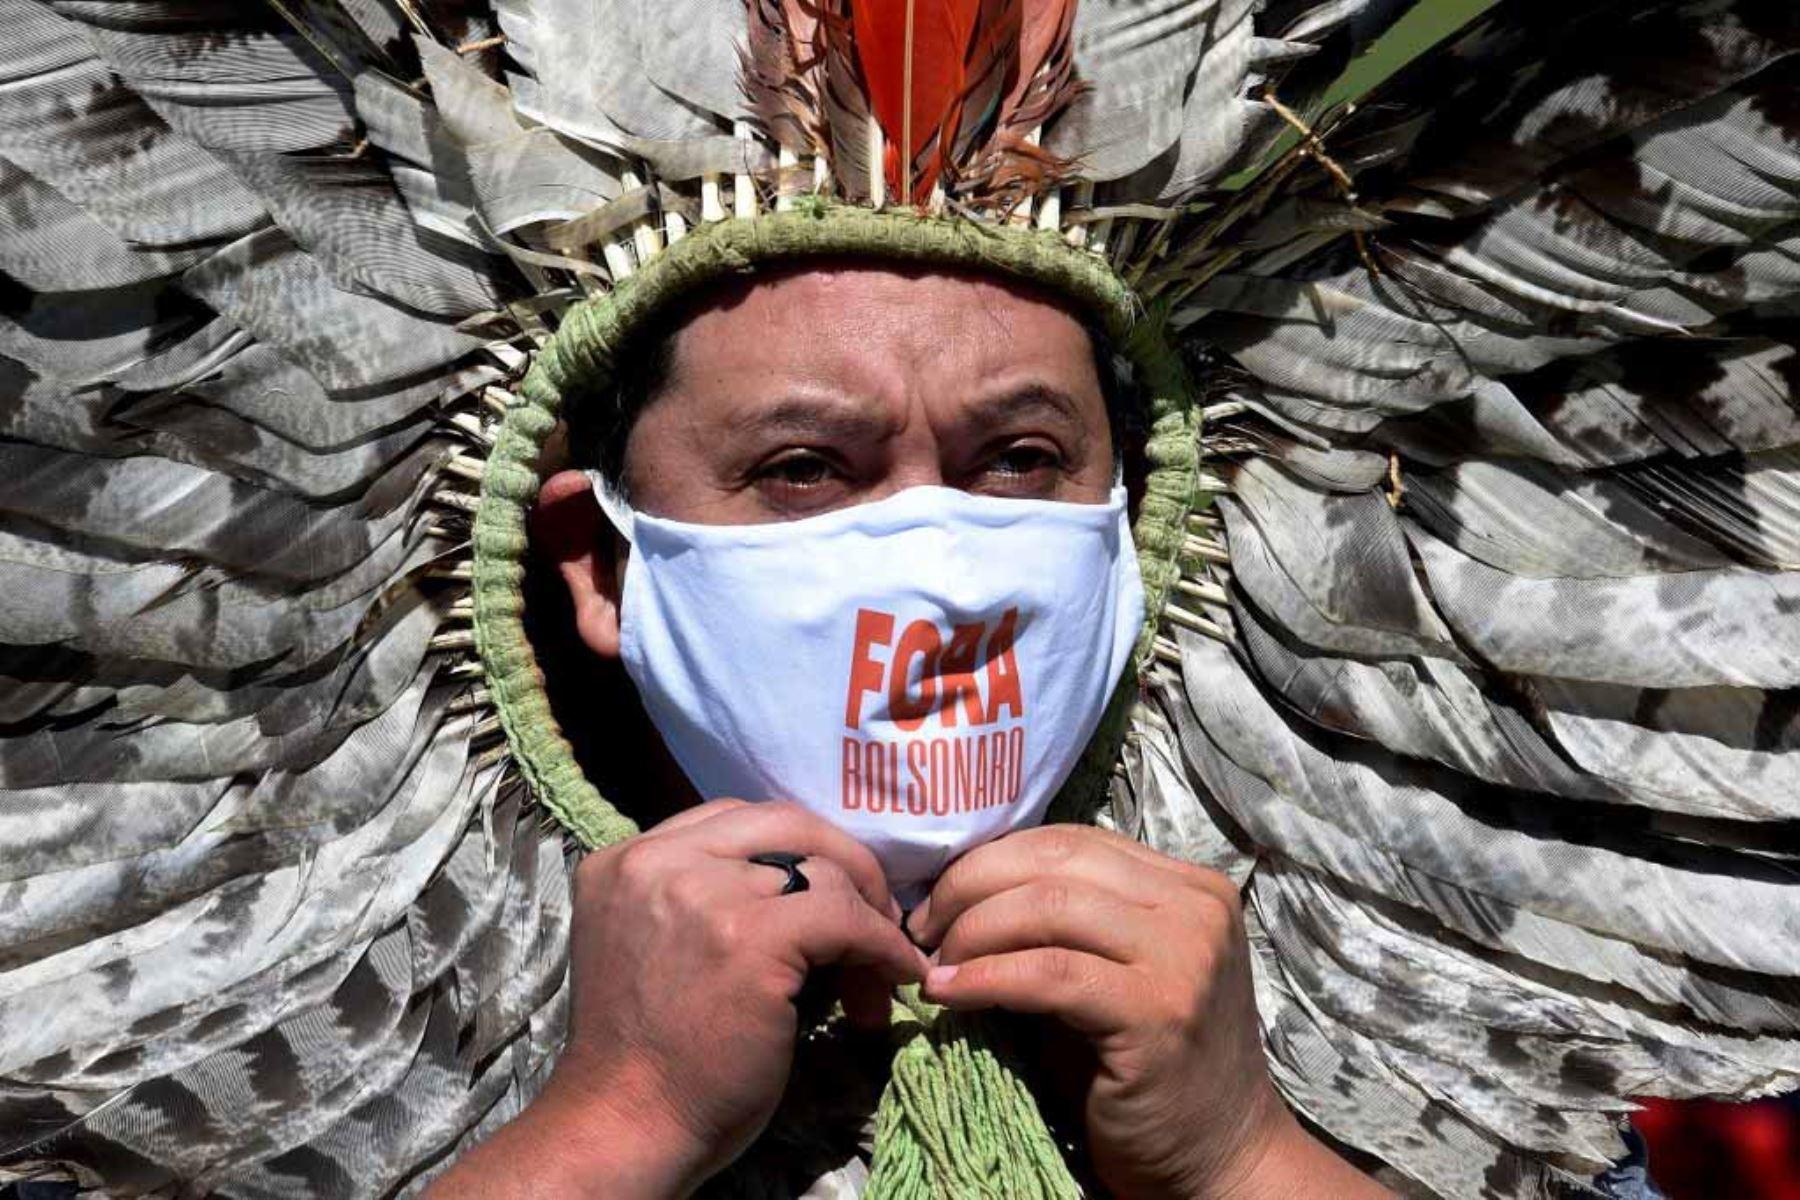 El líder indígena brasileño de Kaingang, Kretan Kaingang, participa en una protesta contra el presidente brasileño Jair Bolsonaro, en medio de la pandemia de corovavirus covid -19, frente al Congreso Nacional en Brasilia. Foto : AFP